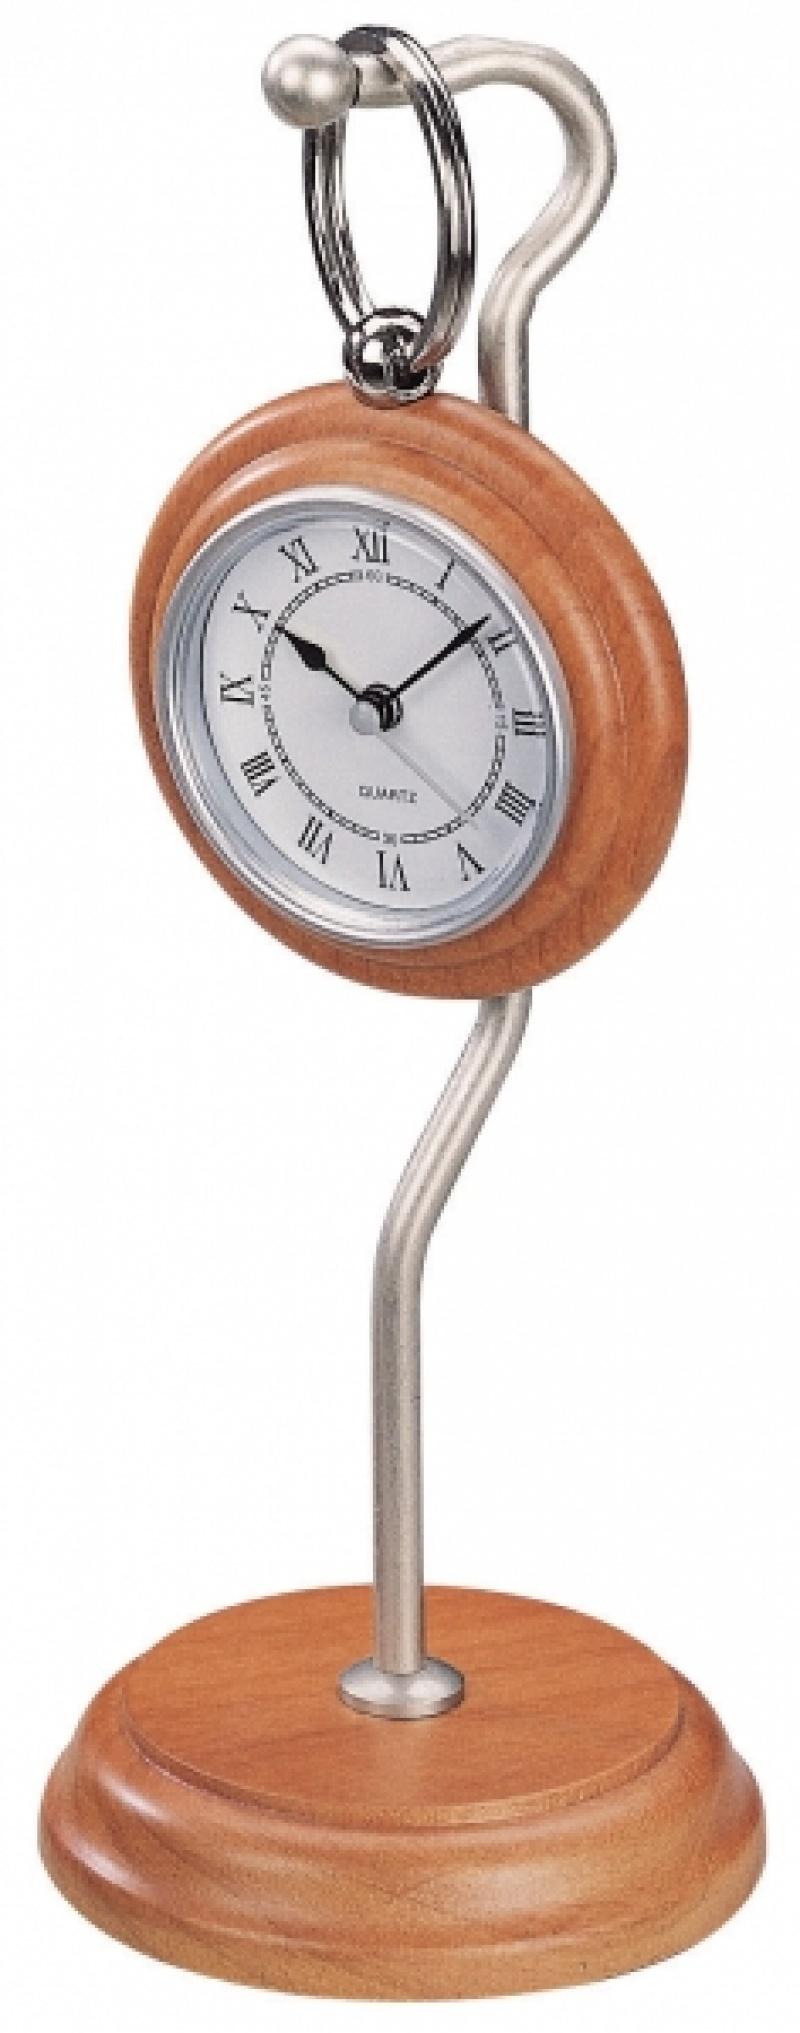 Zegarek kieszonkowy ze stojakiem Bestar jasna wiśnia, Zegary, Wyposażenie biura